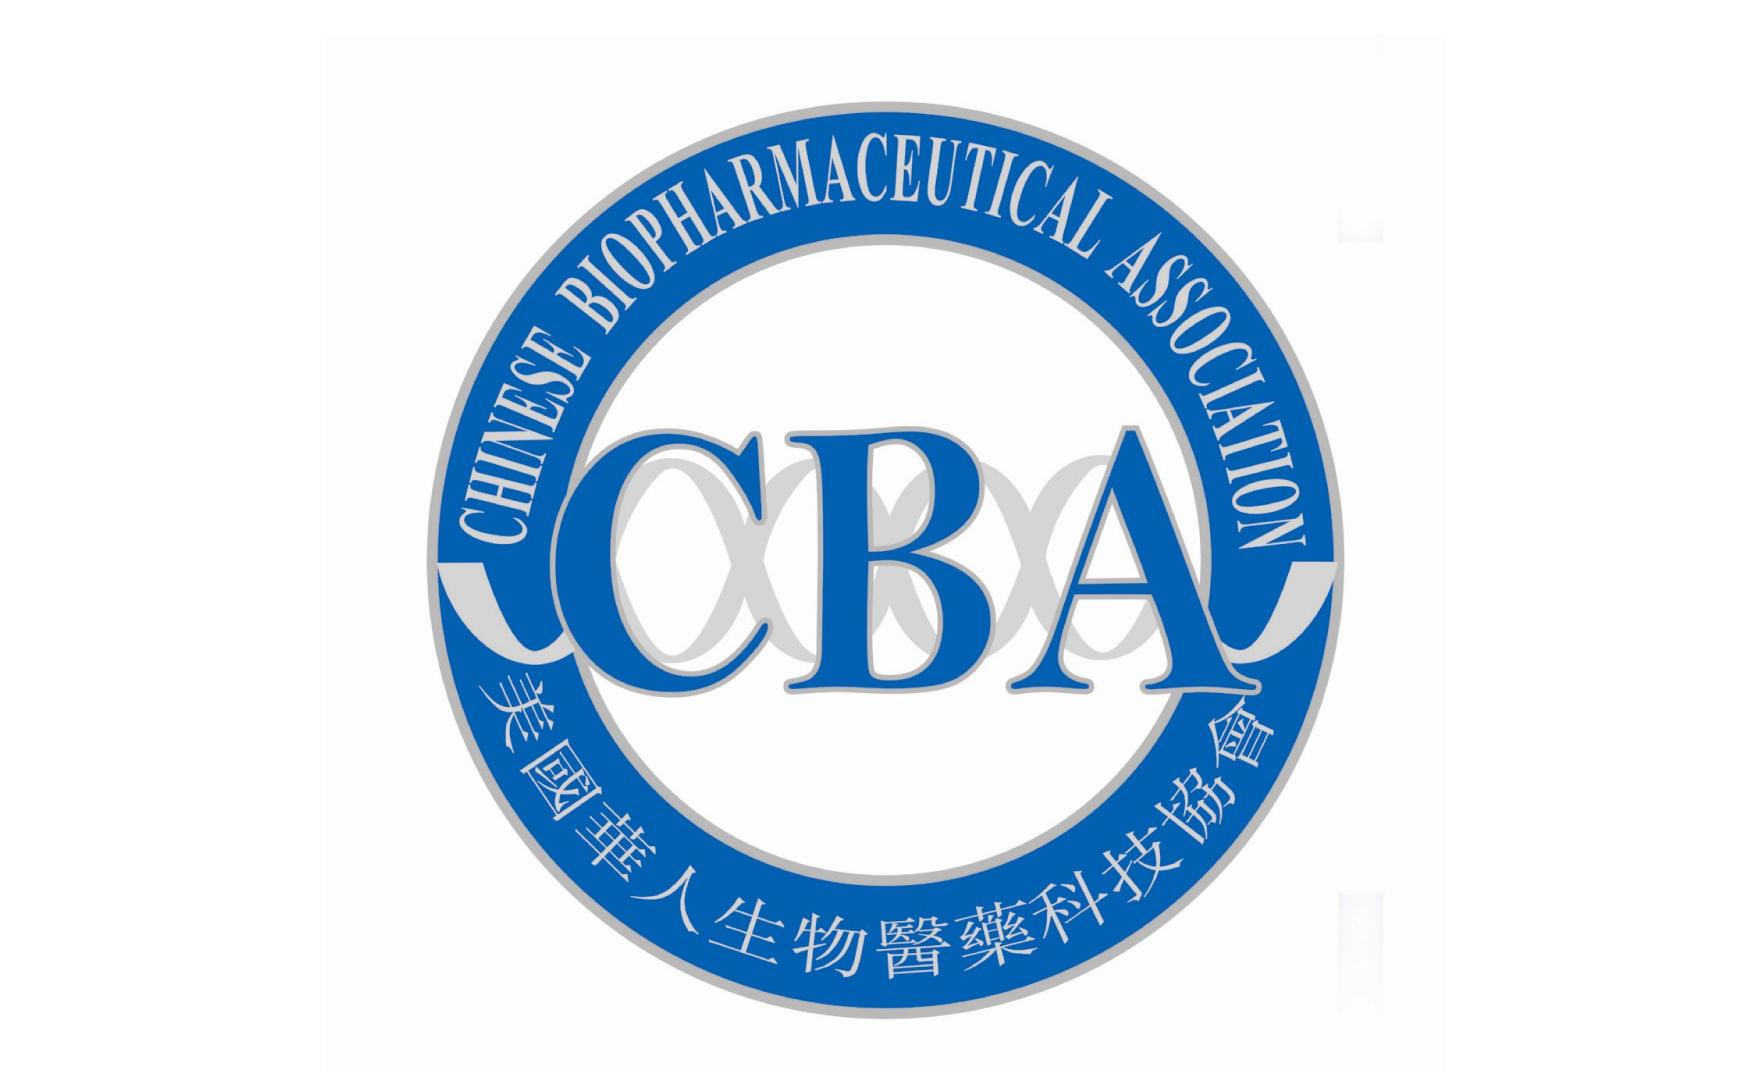 美国华人生物医药科技协会